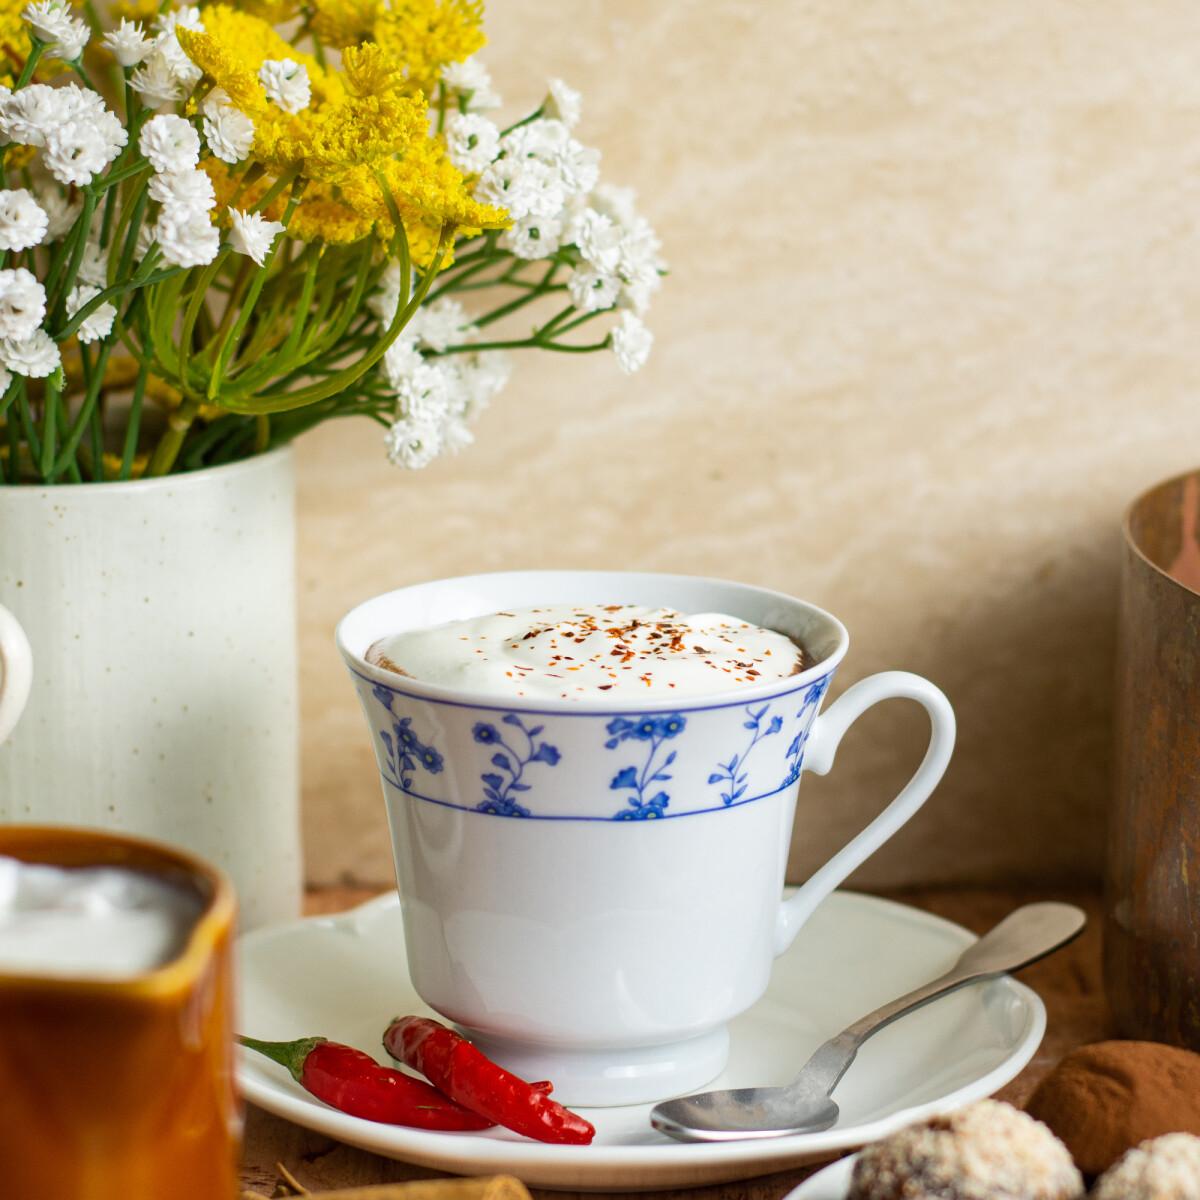 Ezen a képen: Vianne chilis forró csokoládéja